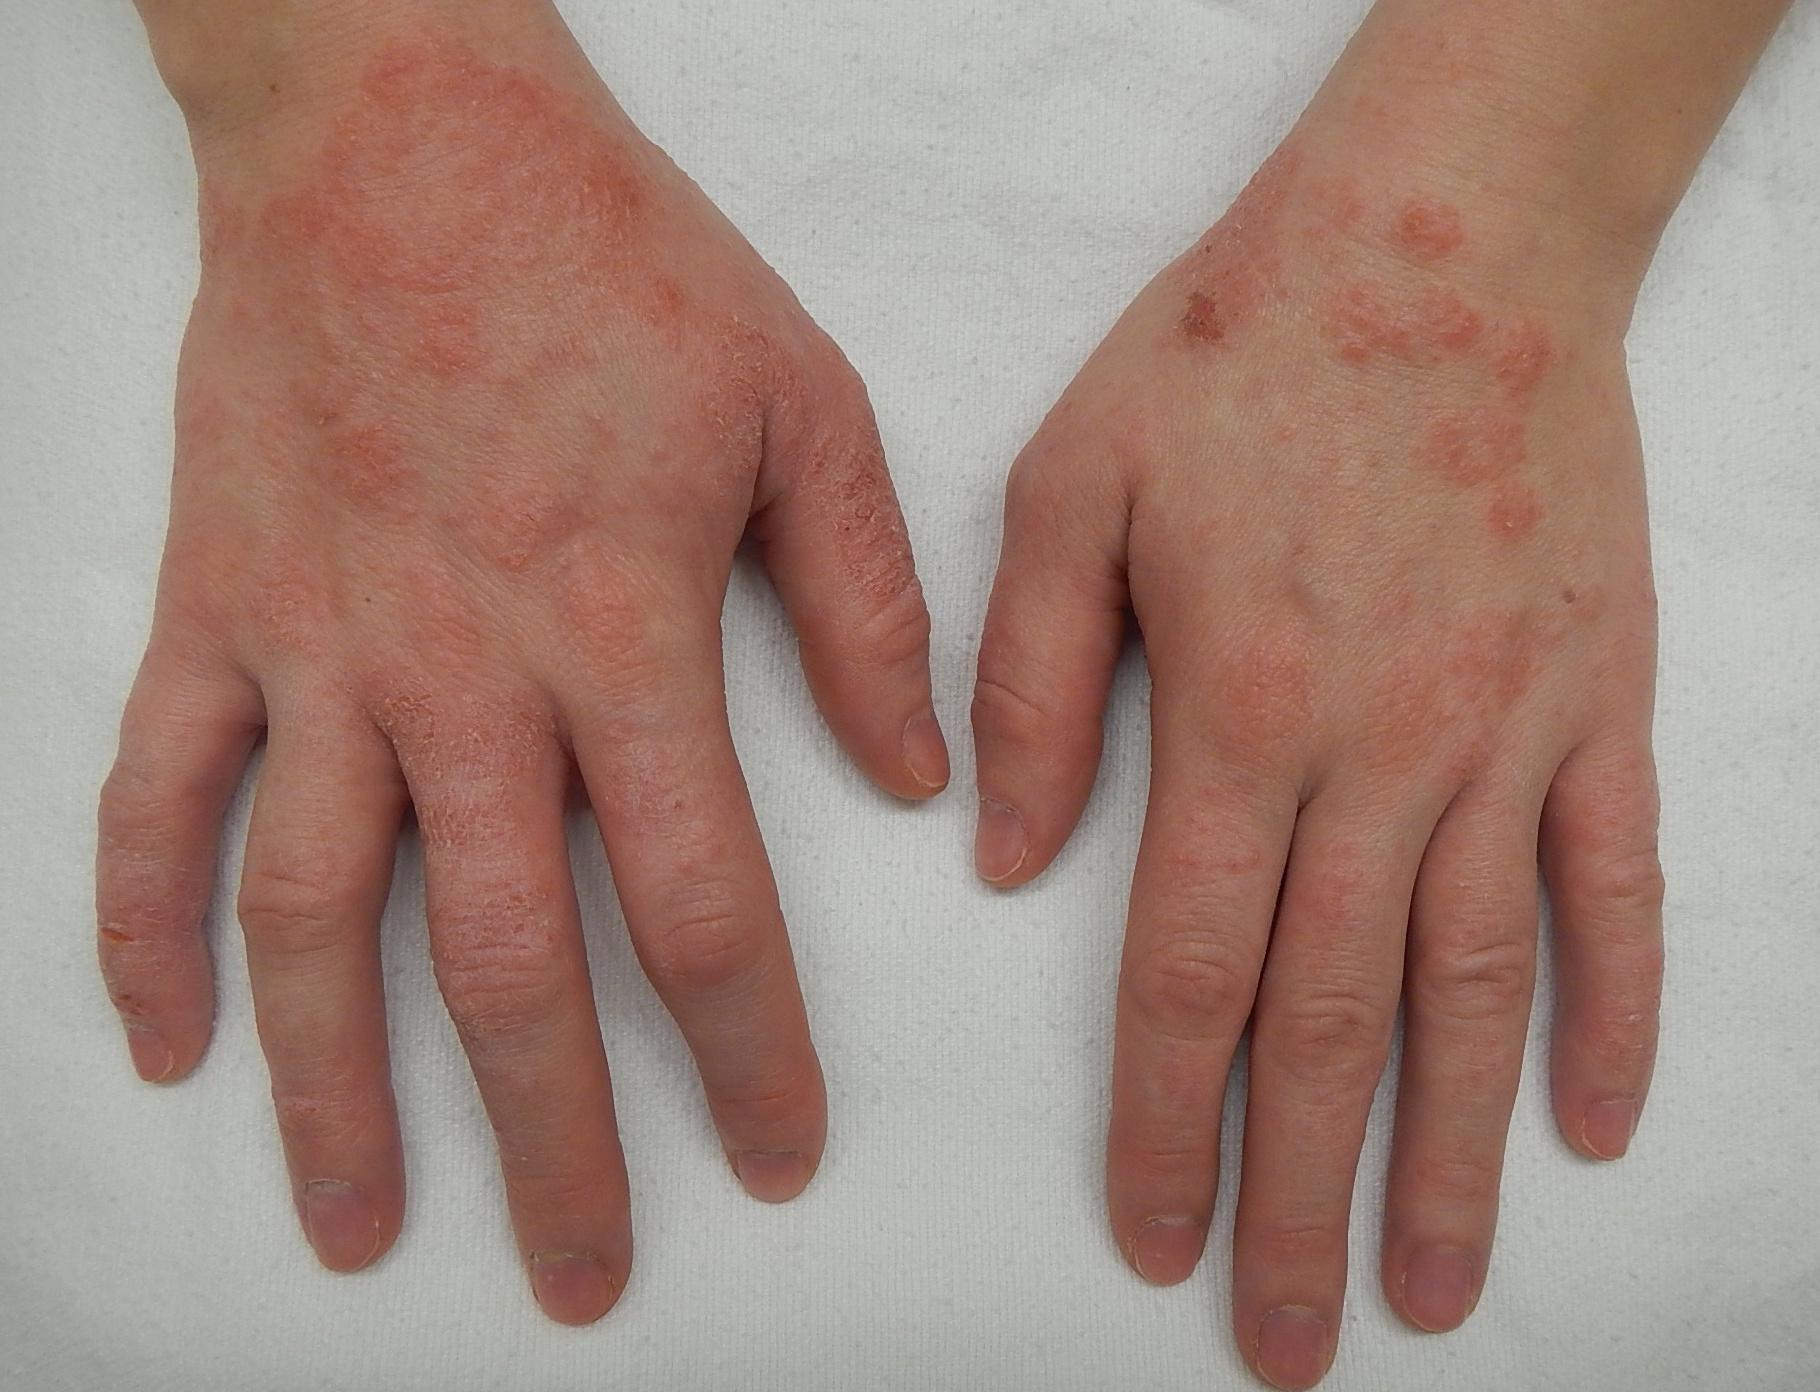 pikkelysömör egy új kezelési módszer nagy vörös foltok az arcon és a testen